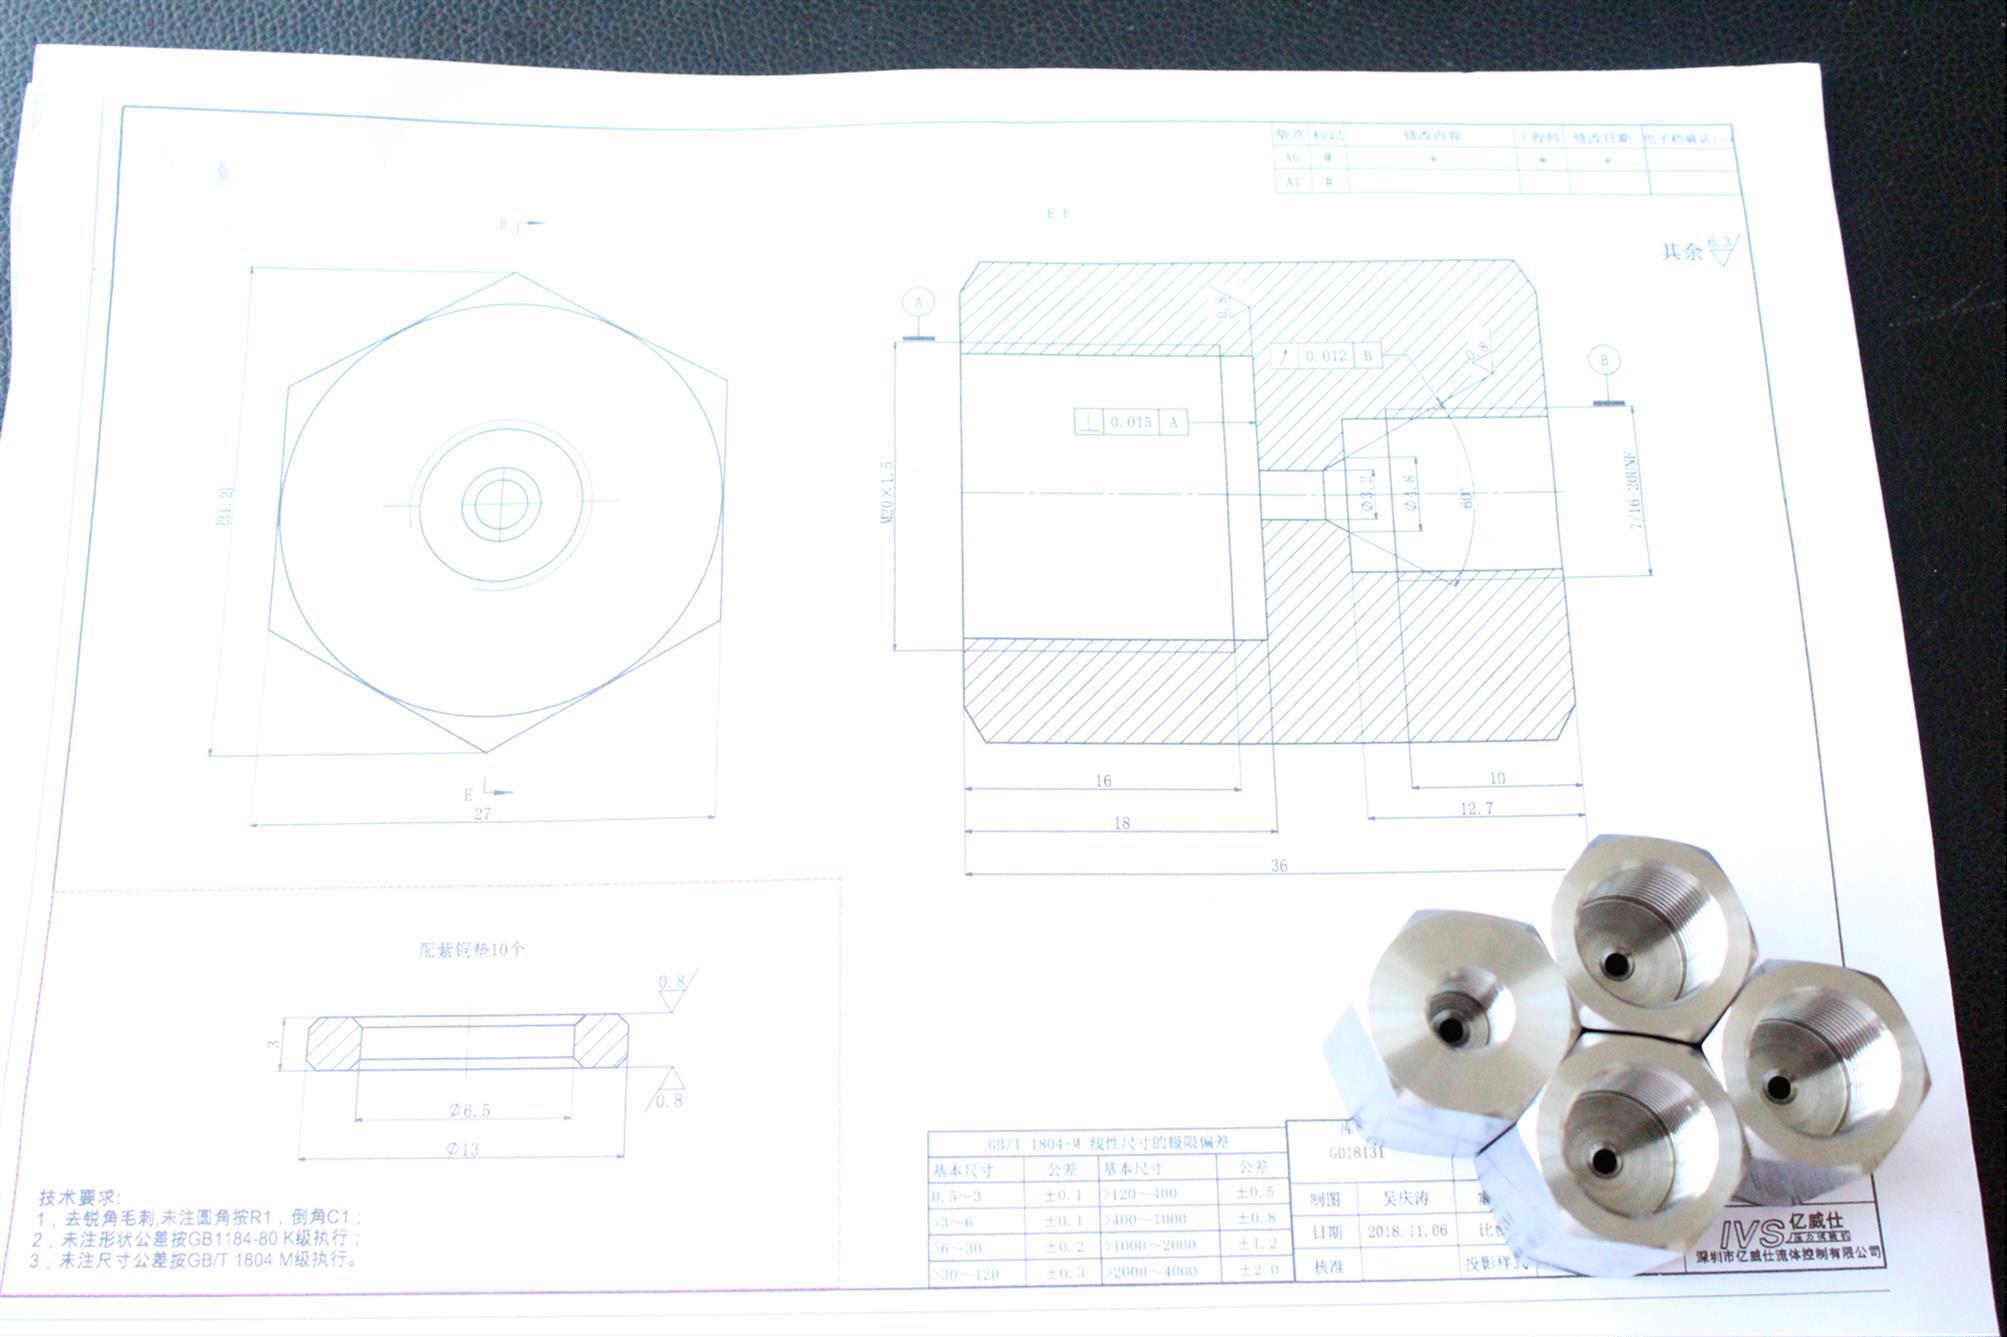 大朗不锈钢管制螺纹转换接头制作